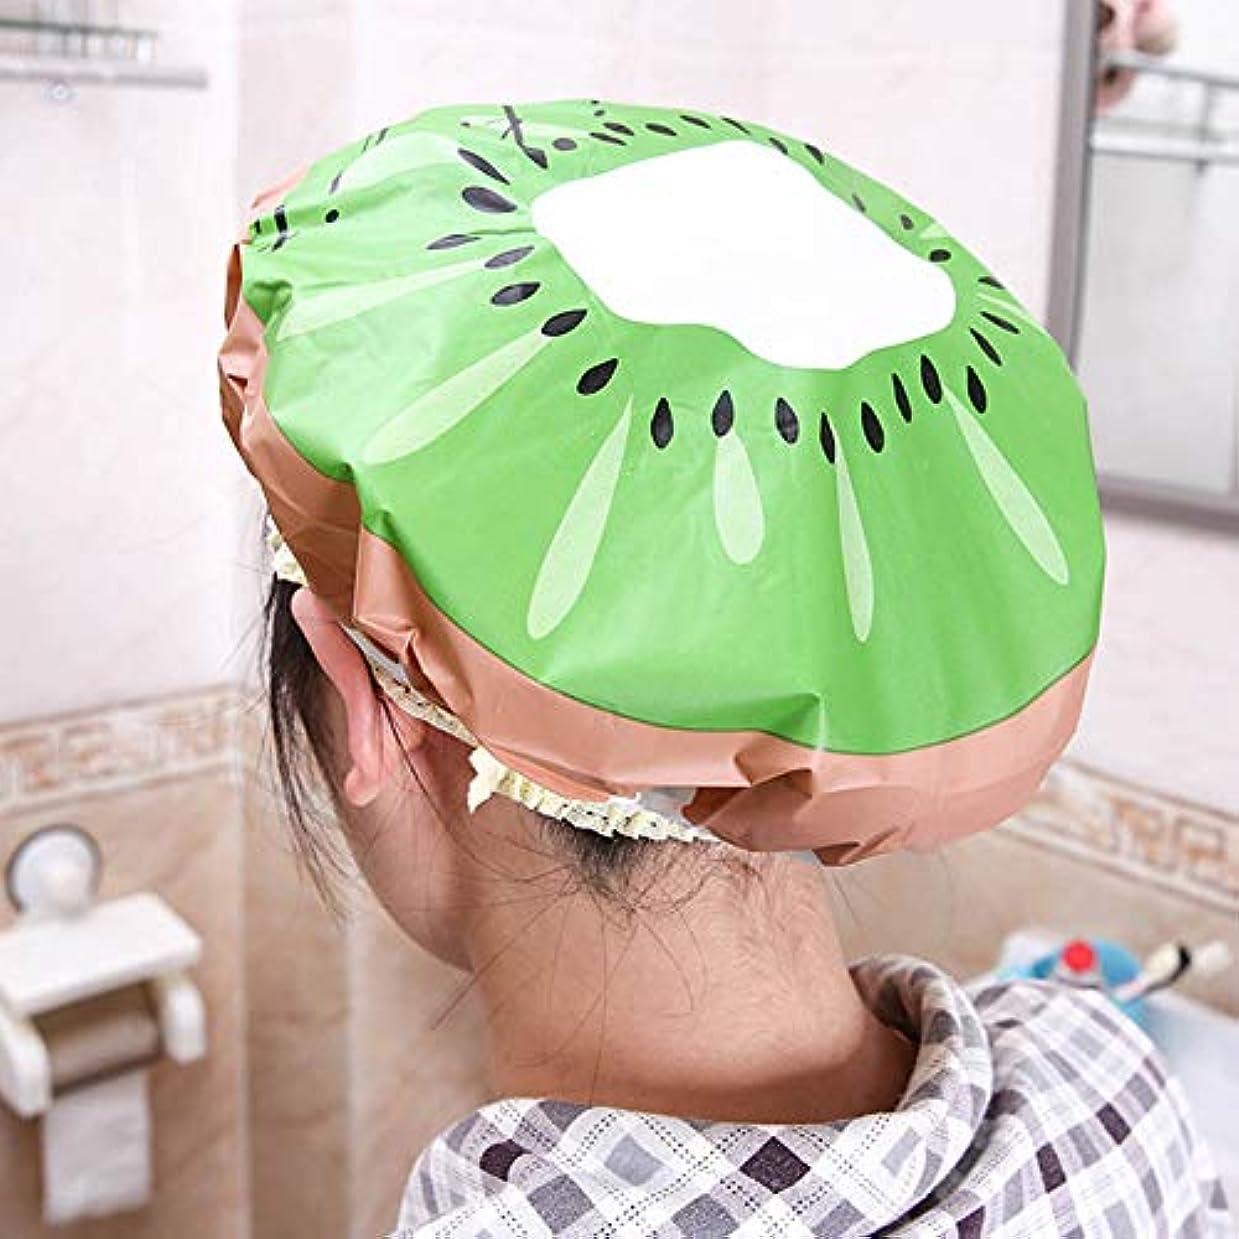 正確な希少性王子LULAA シャワーキャップ ヘアキャップ シャワー 洗顔 入浴 お風呂 プール 銭湯用 髪を染める 美容室 バス用品 フルーツのデザイン 可愛い